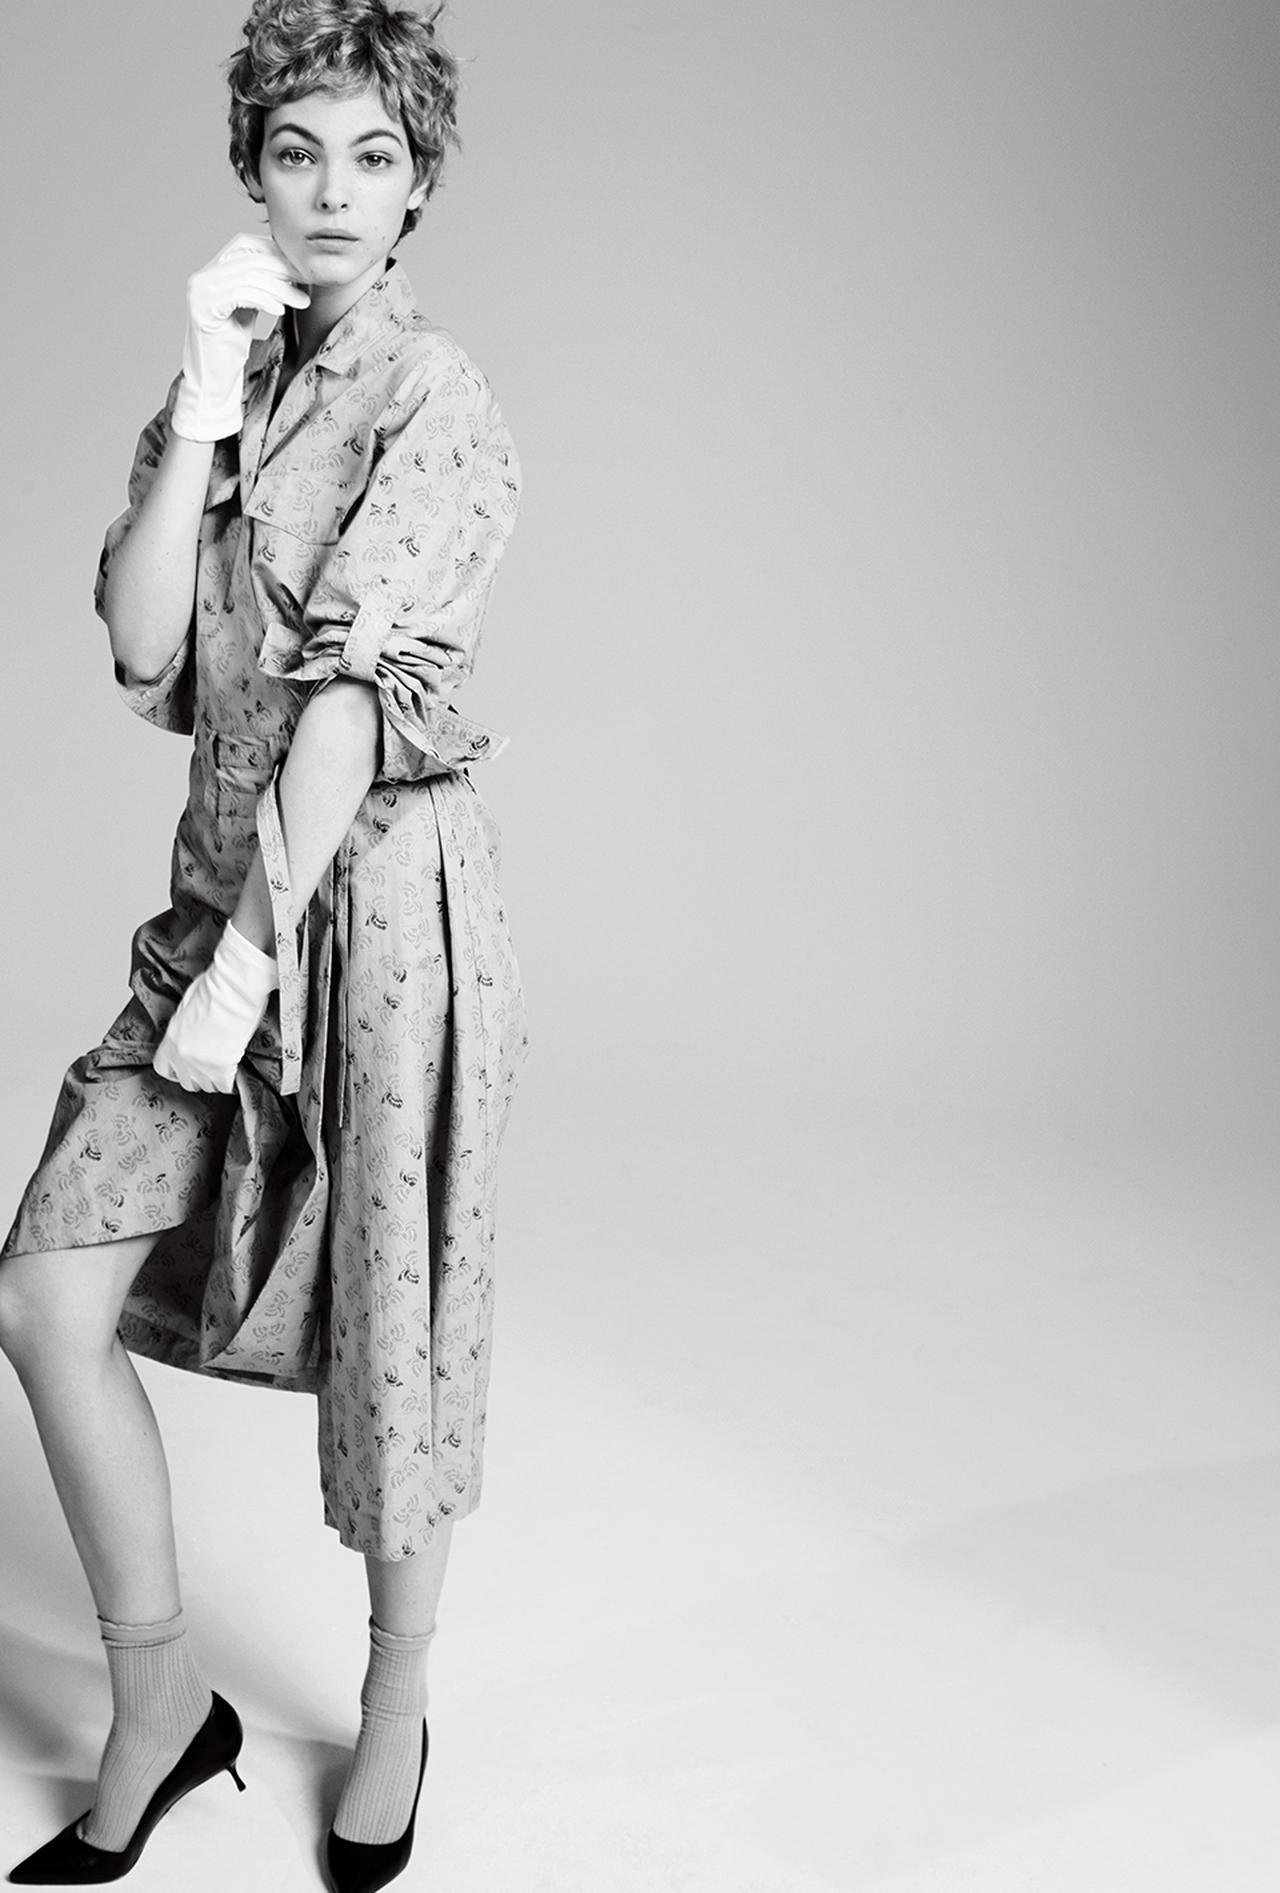 Images : 4番目の画像 - 「リトルホームドレスは 見かけほど甘くない」のアルバム - T JAPAN:The New York Times Style Magazine 公式サイト